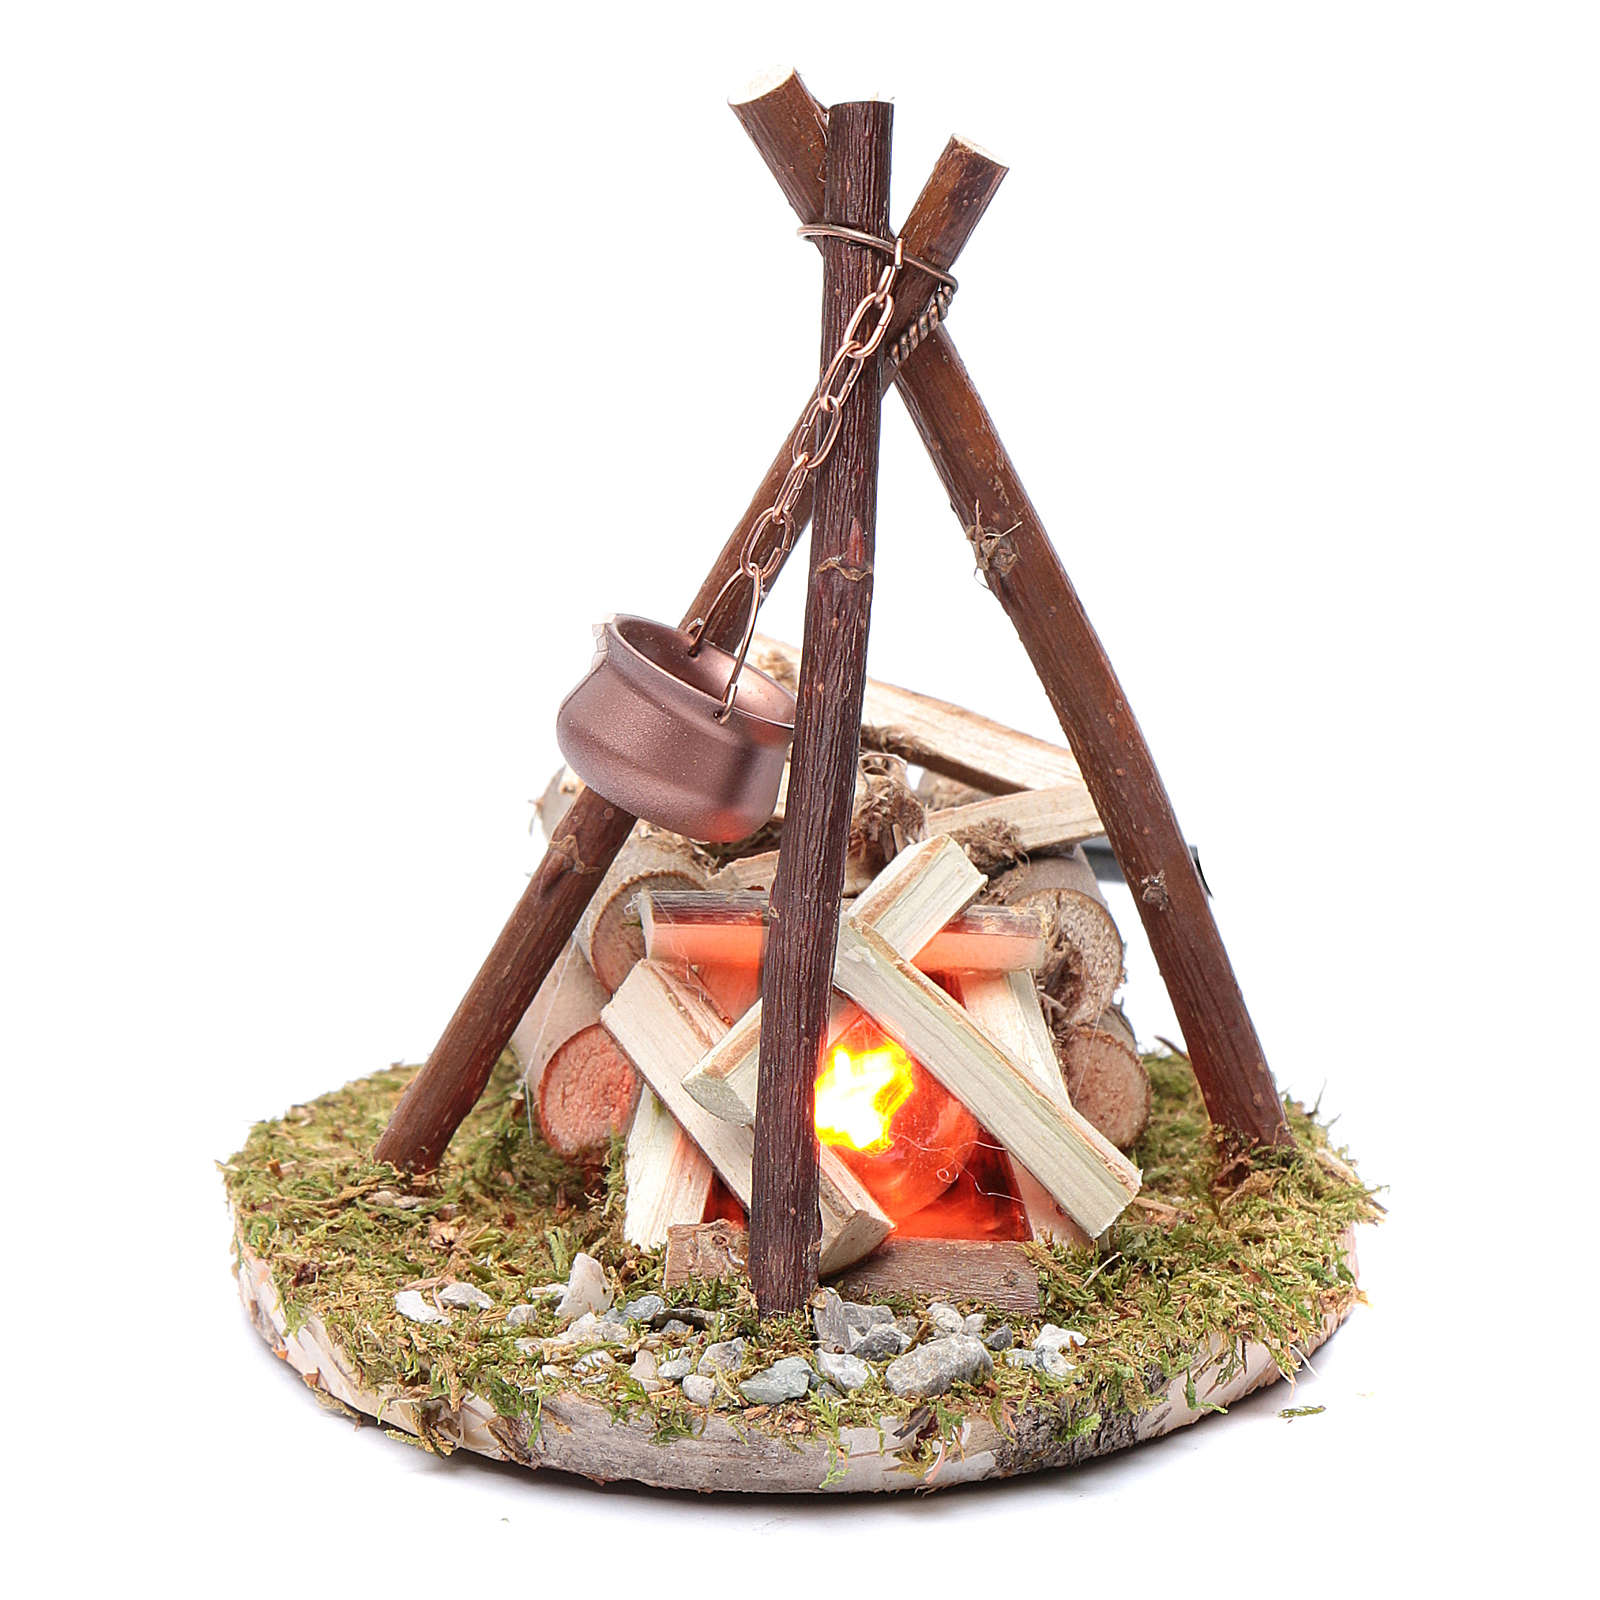 Décor bivouac sur champ avec casserole et feu 4